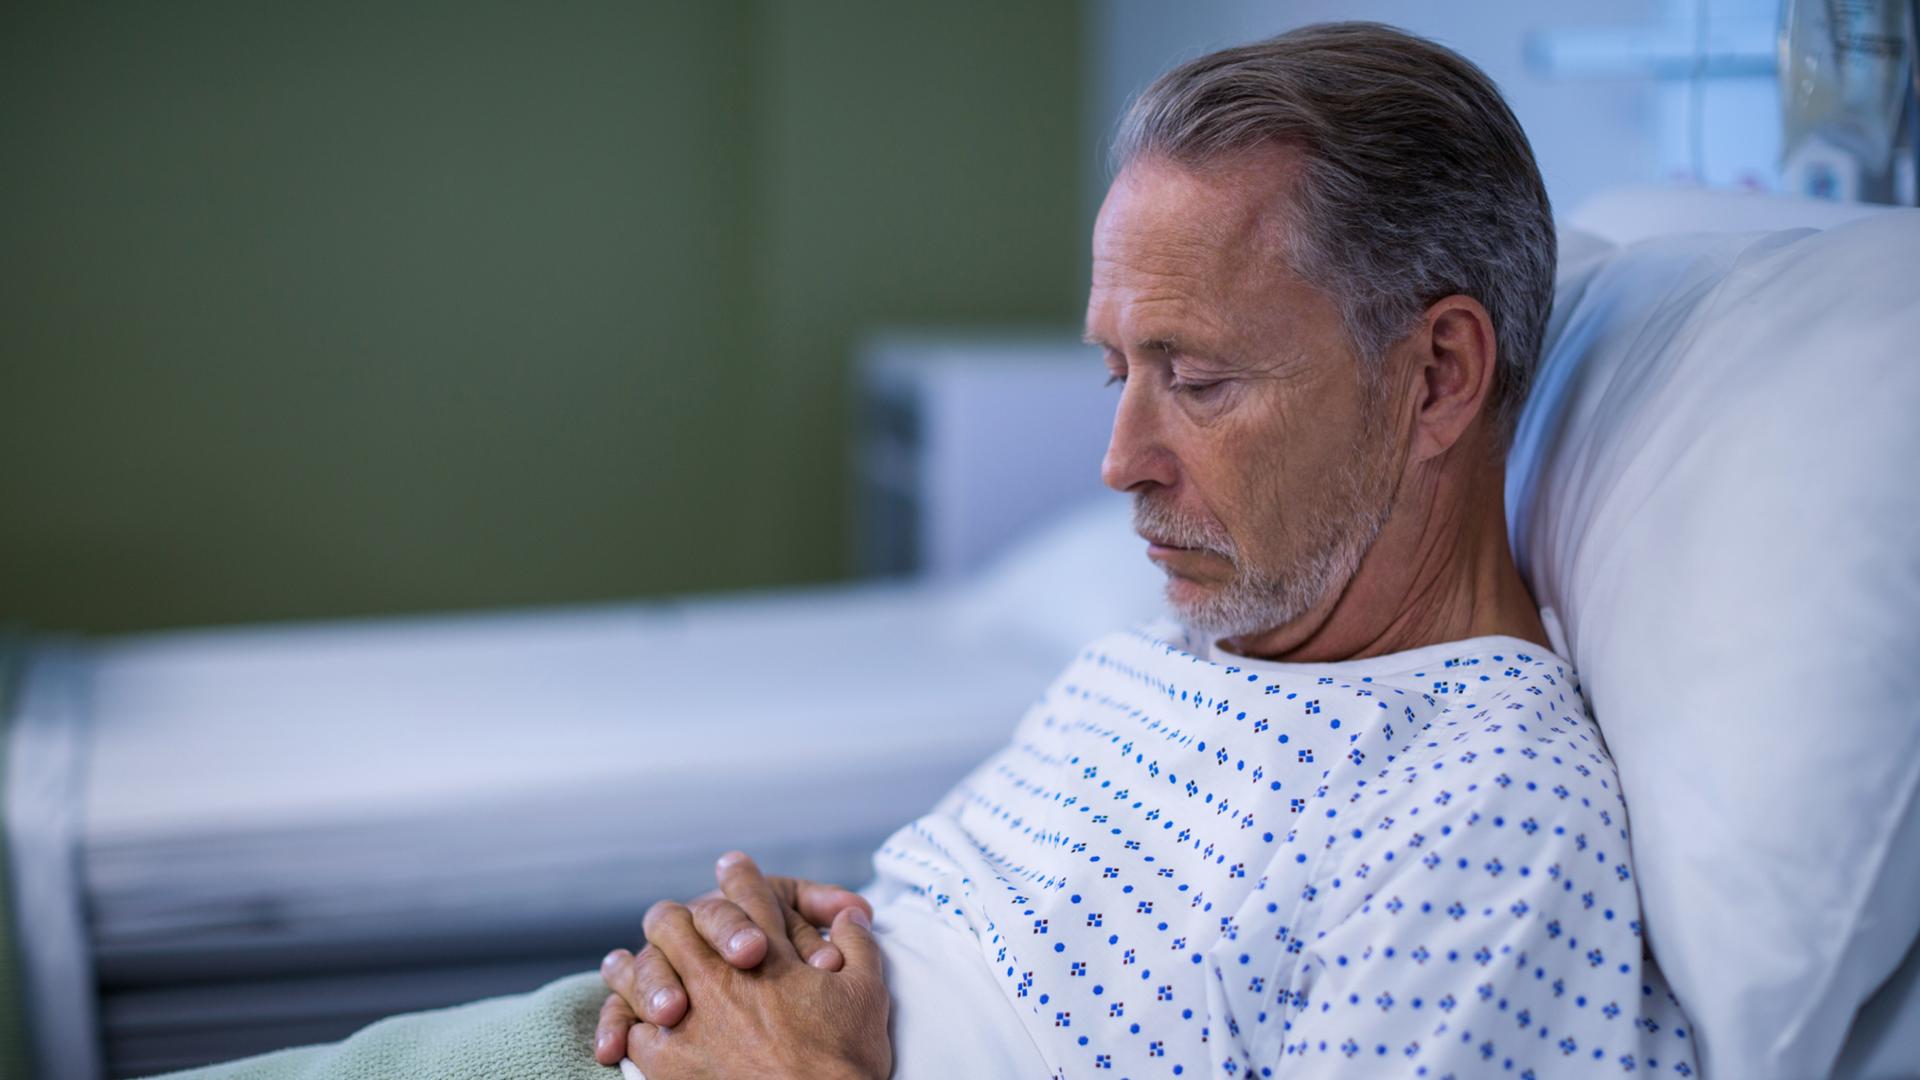 Gesundheitsvorsorge verhindert Erkrankungen